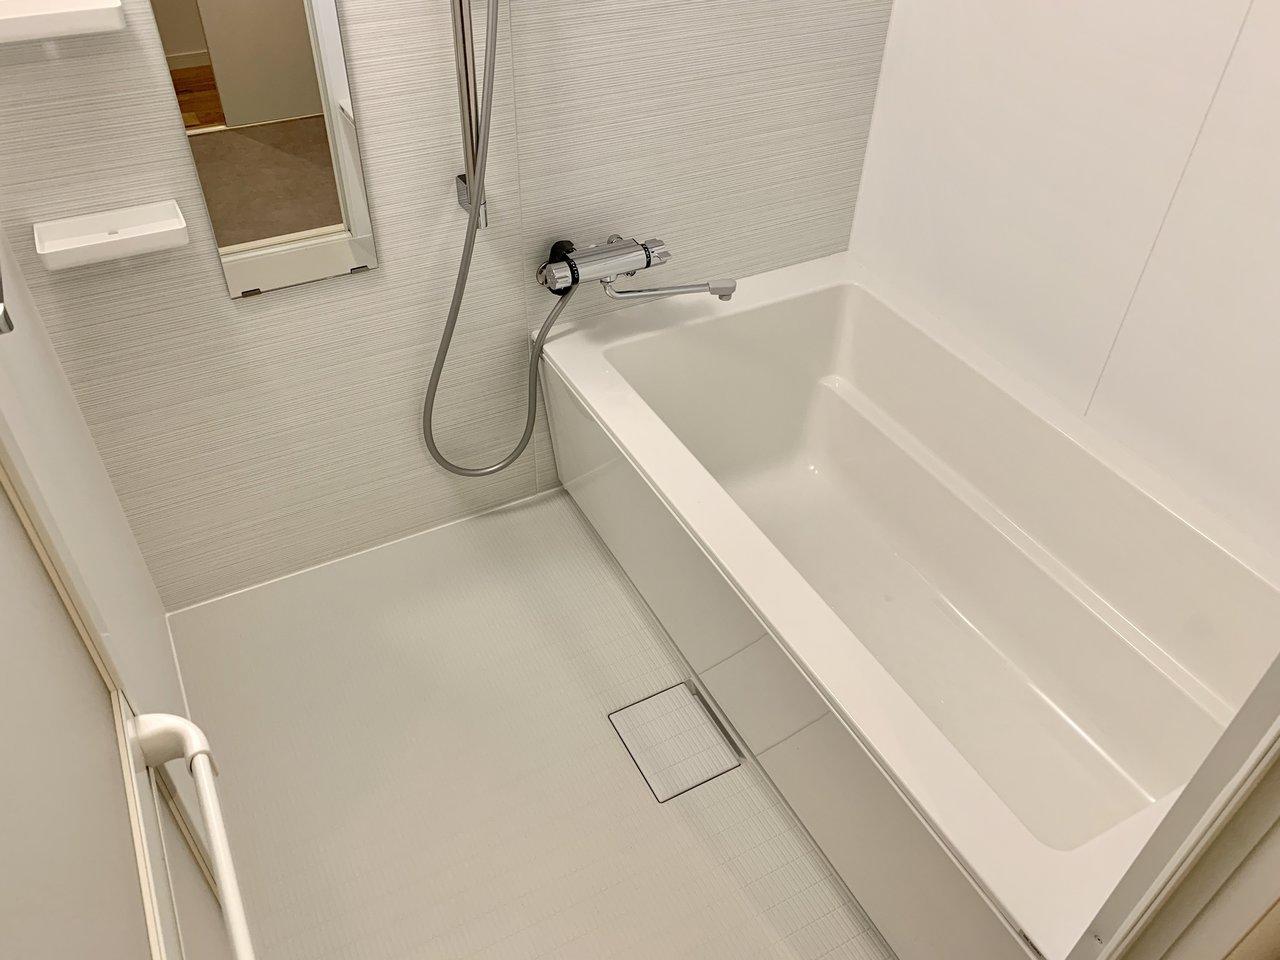 「白い」繋がりでいうと、バスルームの床も。TOMOSのバスルームの床は基本的にグレーなのですが、あえて汚れがわかりやすいようにホワイトに。これなら隅々まで細かくお掃除をしちゃいますね。